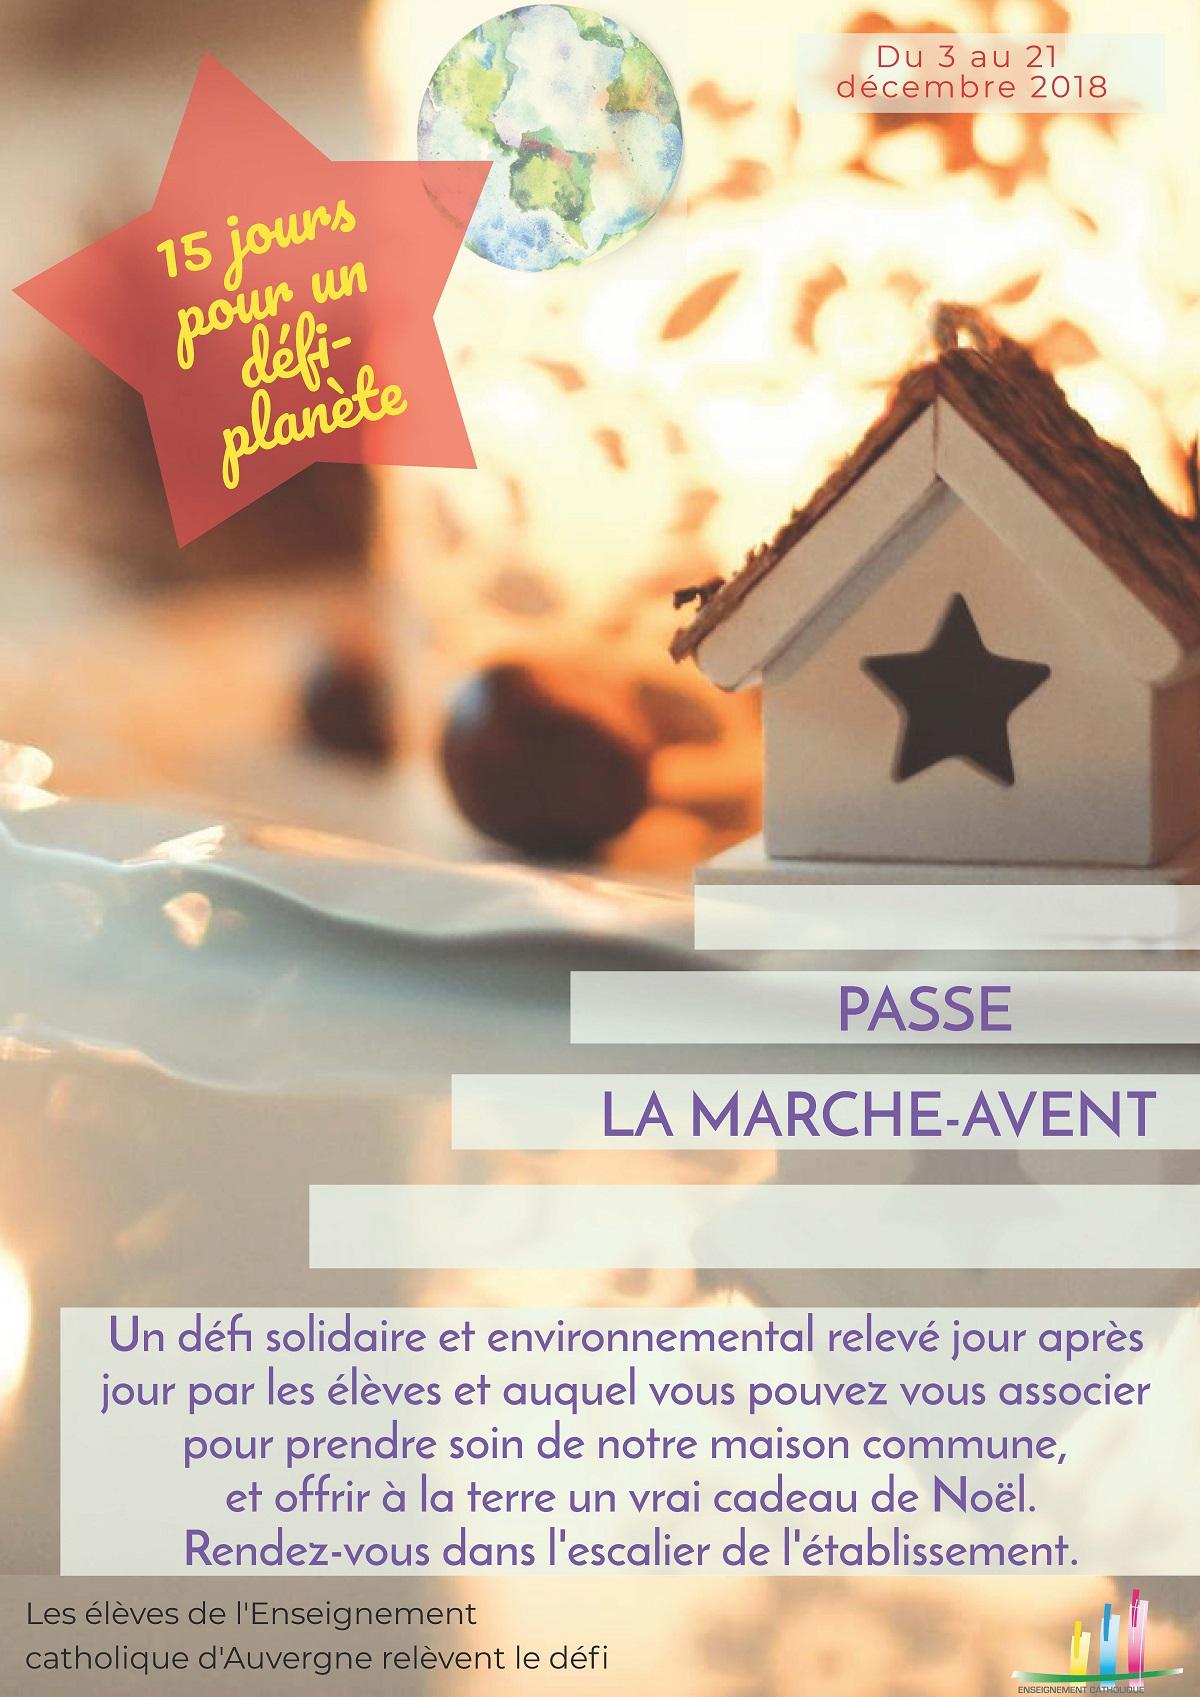 #PasseLaMarche-Avent et prenons soin de notre maison commune !